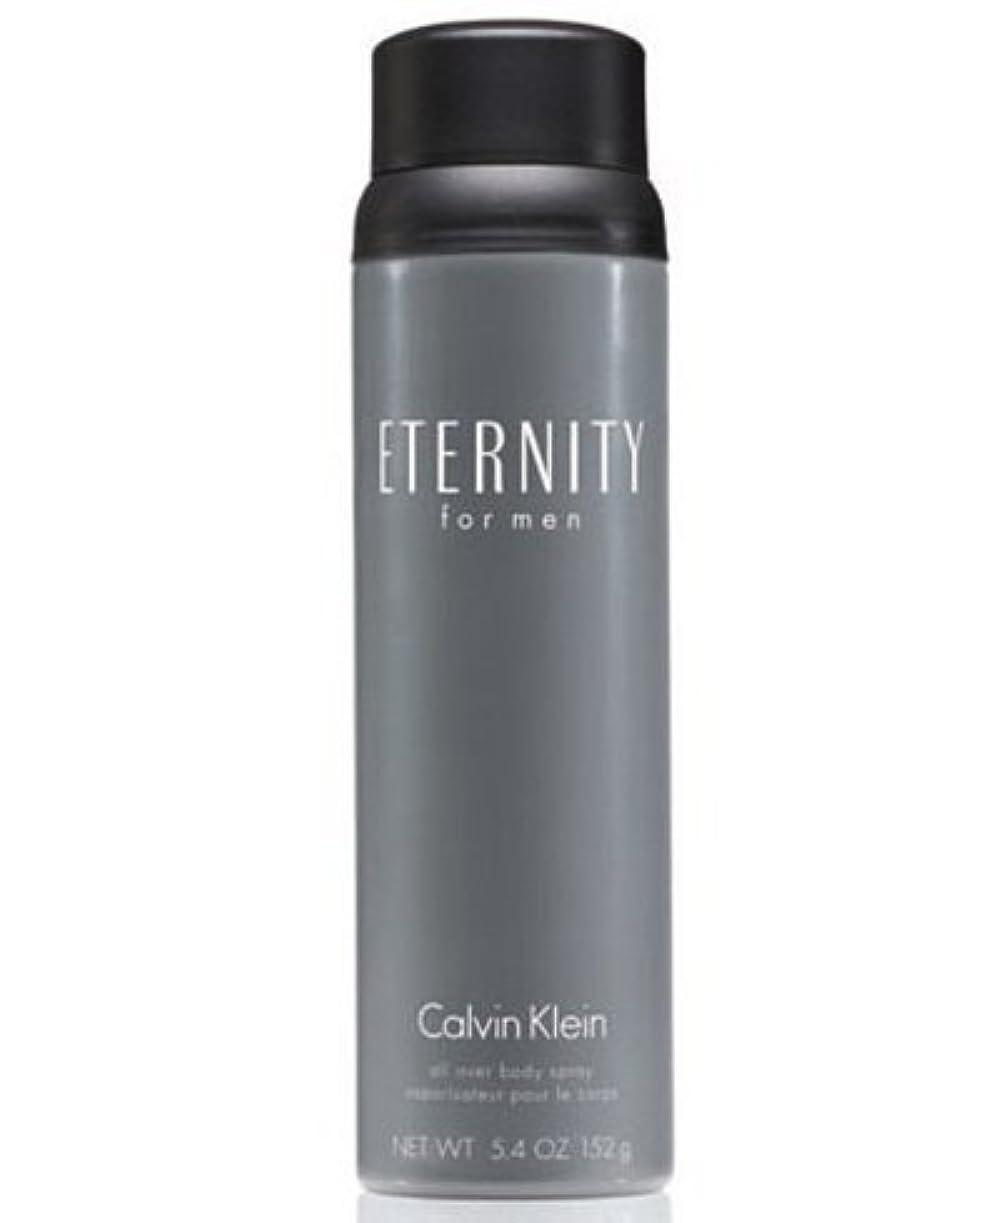 水族館マニアック遠洋のEternity (エタニティー) 5.4 oz (162ml) Body Spray by Calvin Klein for Men